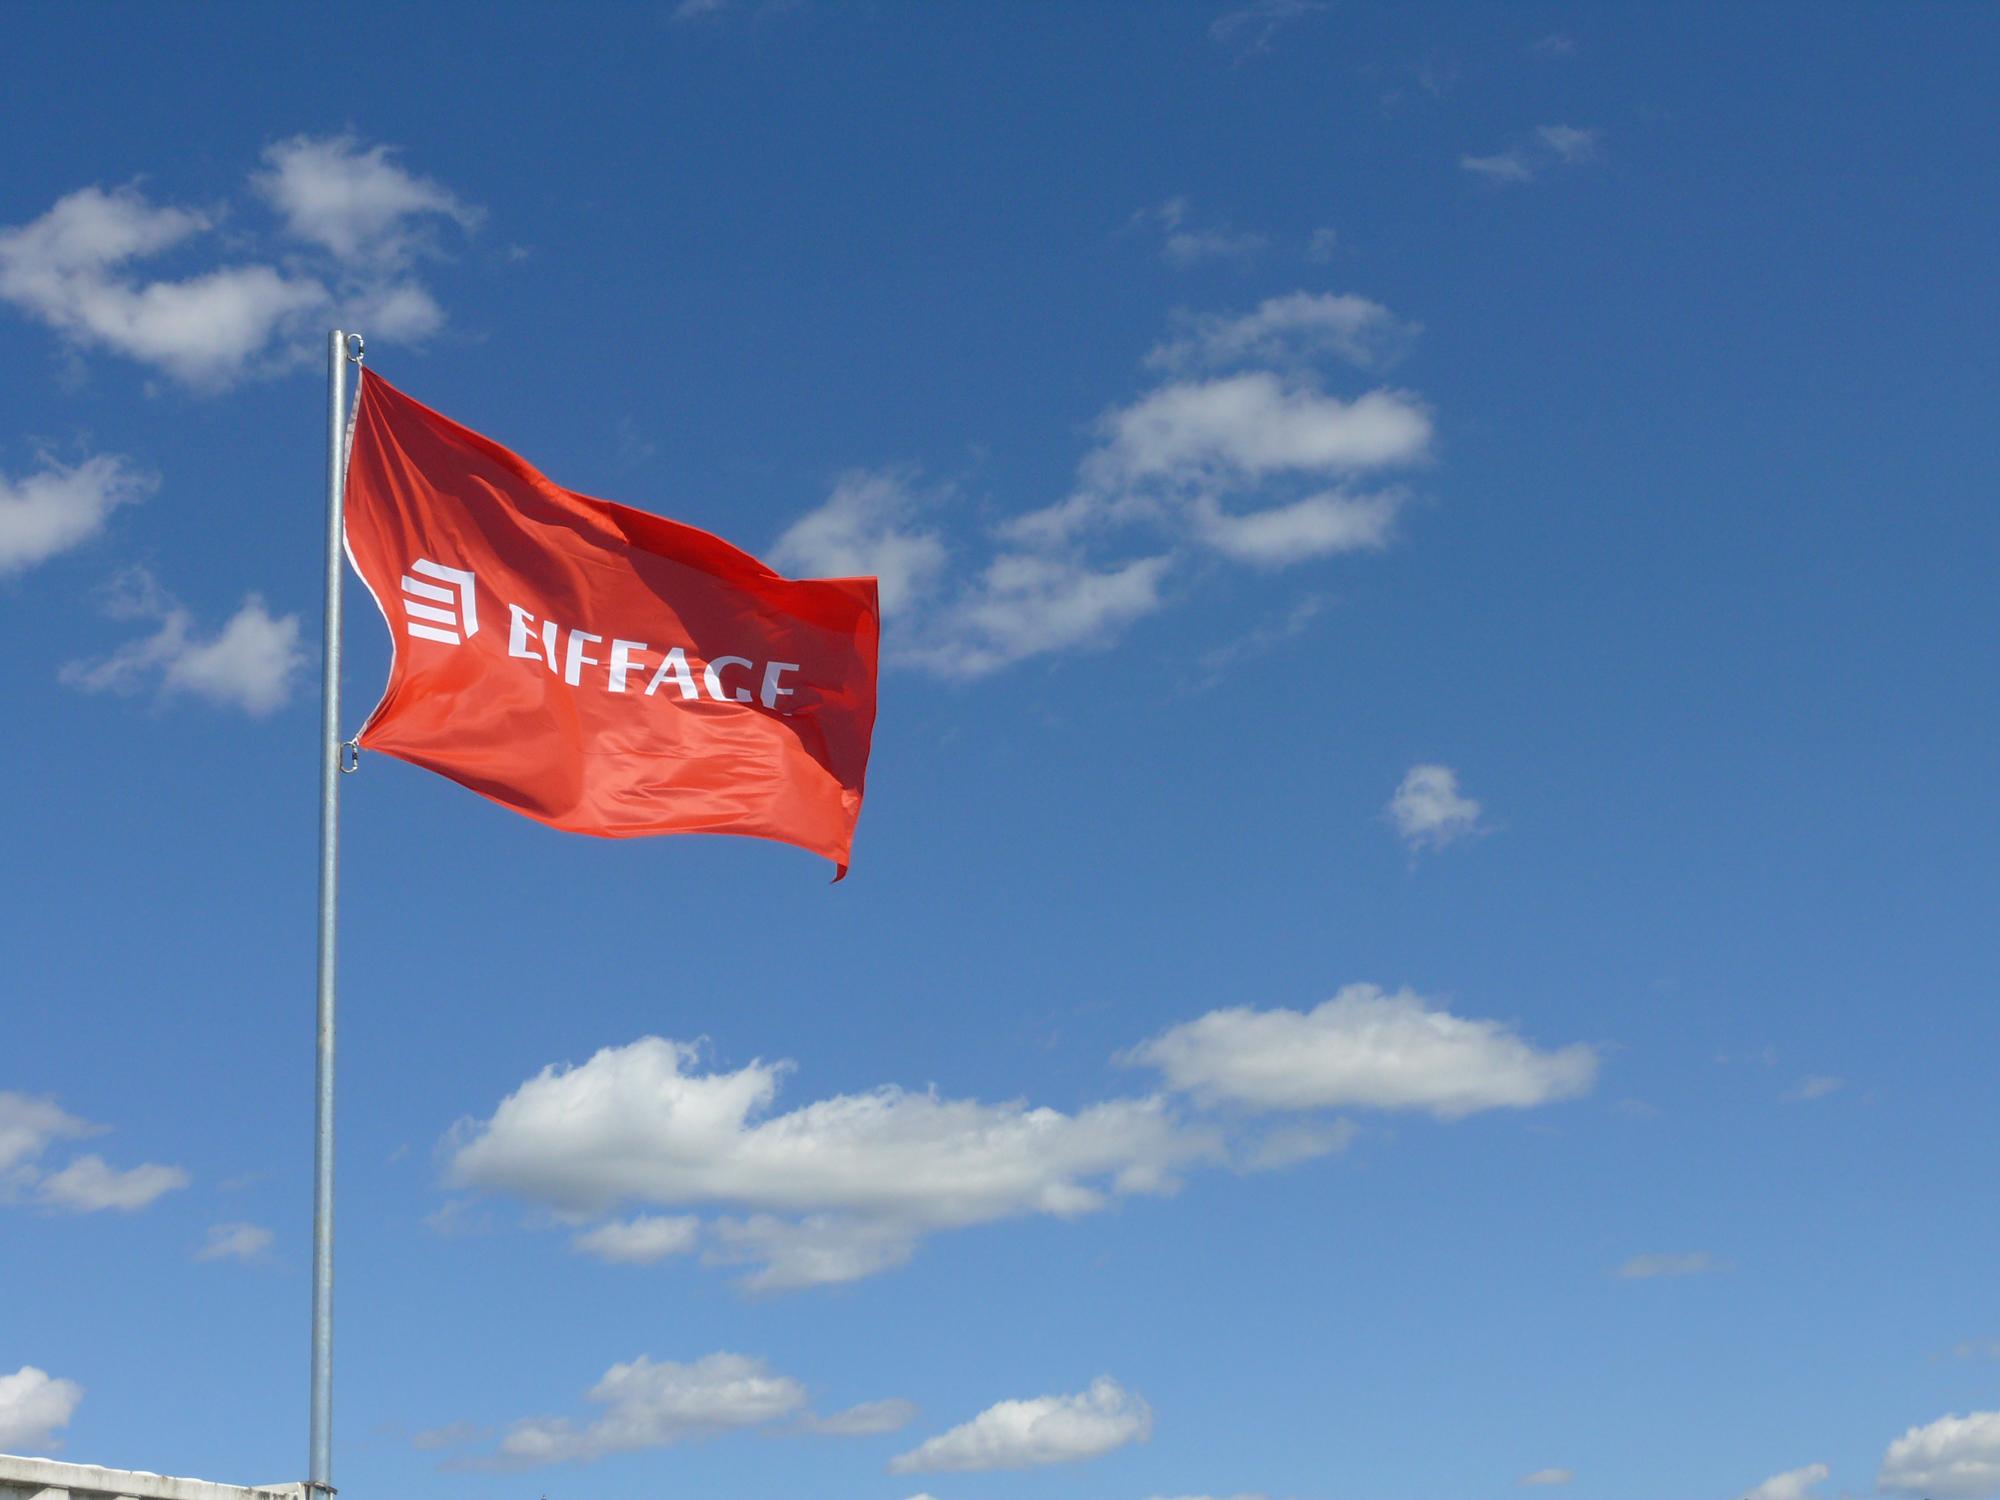 eiffage_drapeau